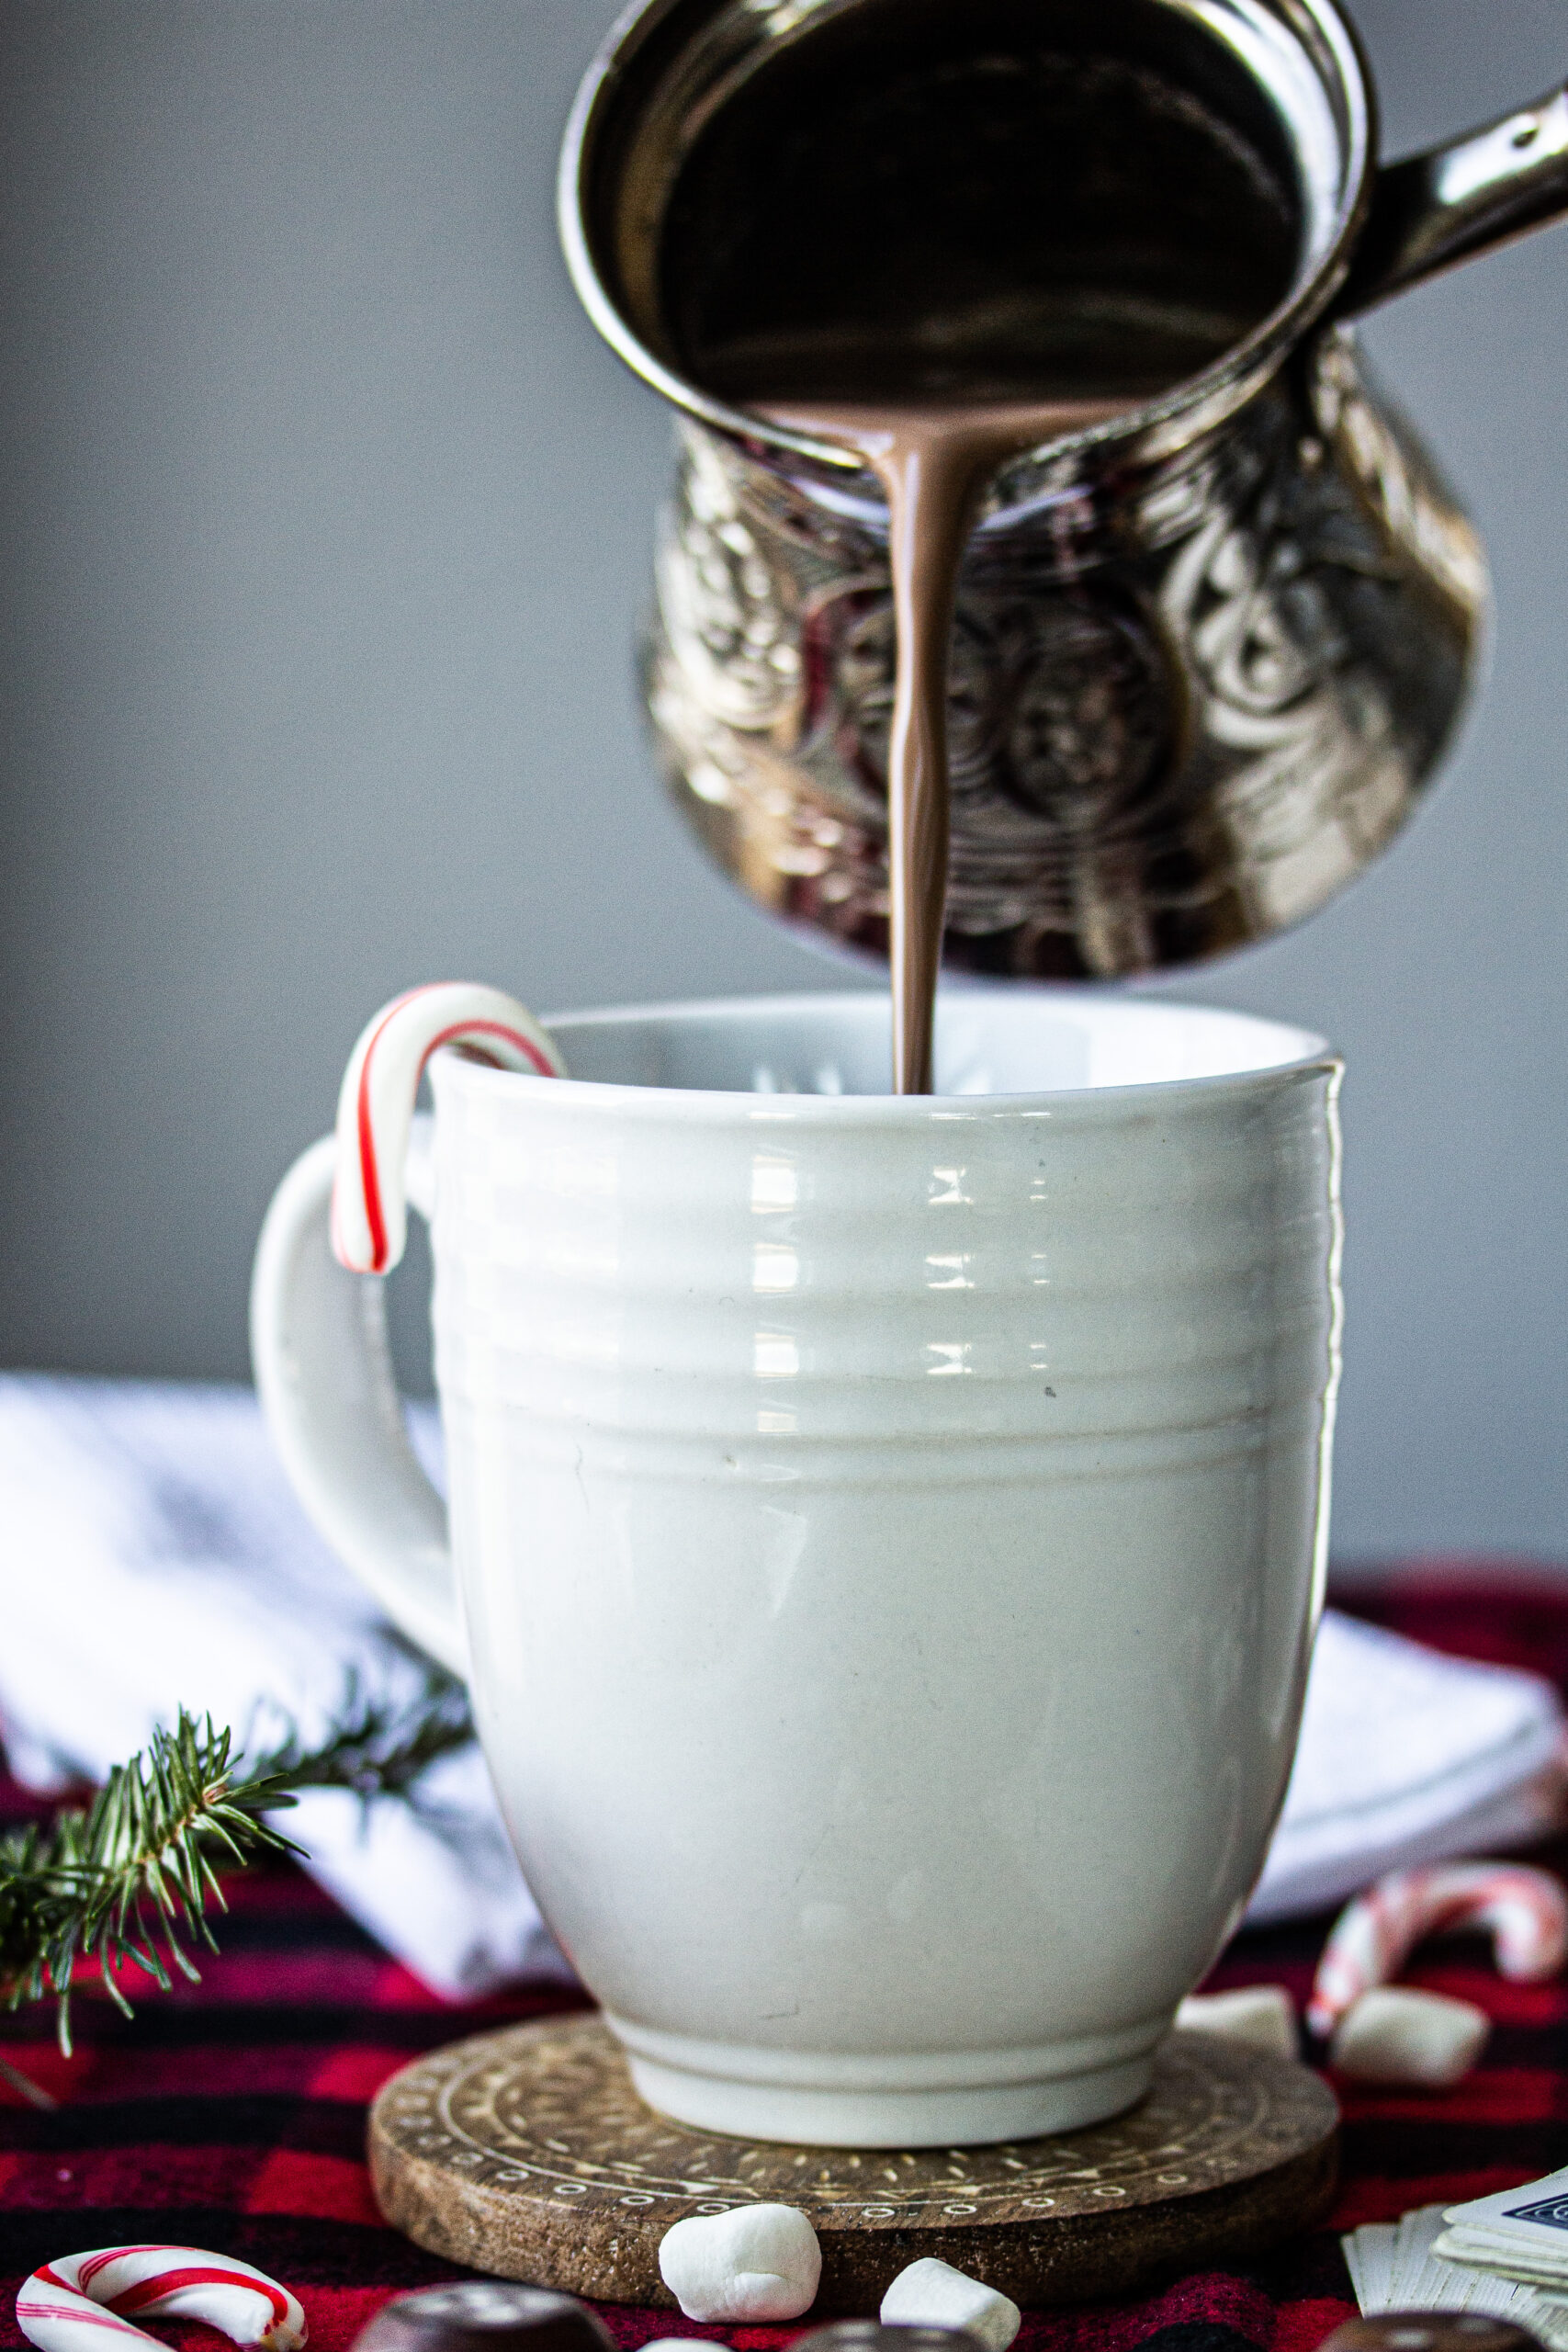 Homemade Hot Chocolate in mug